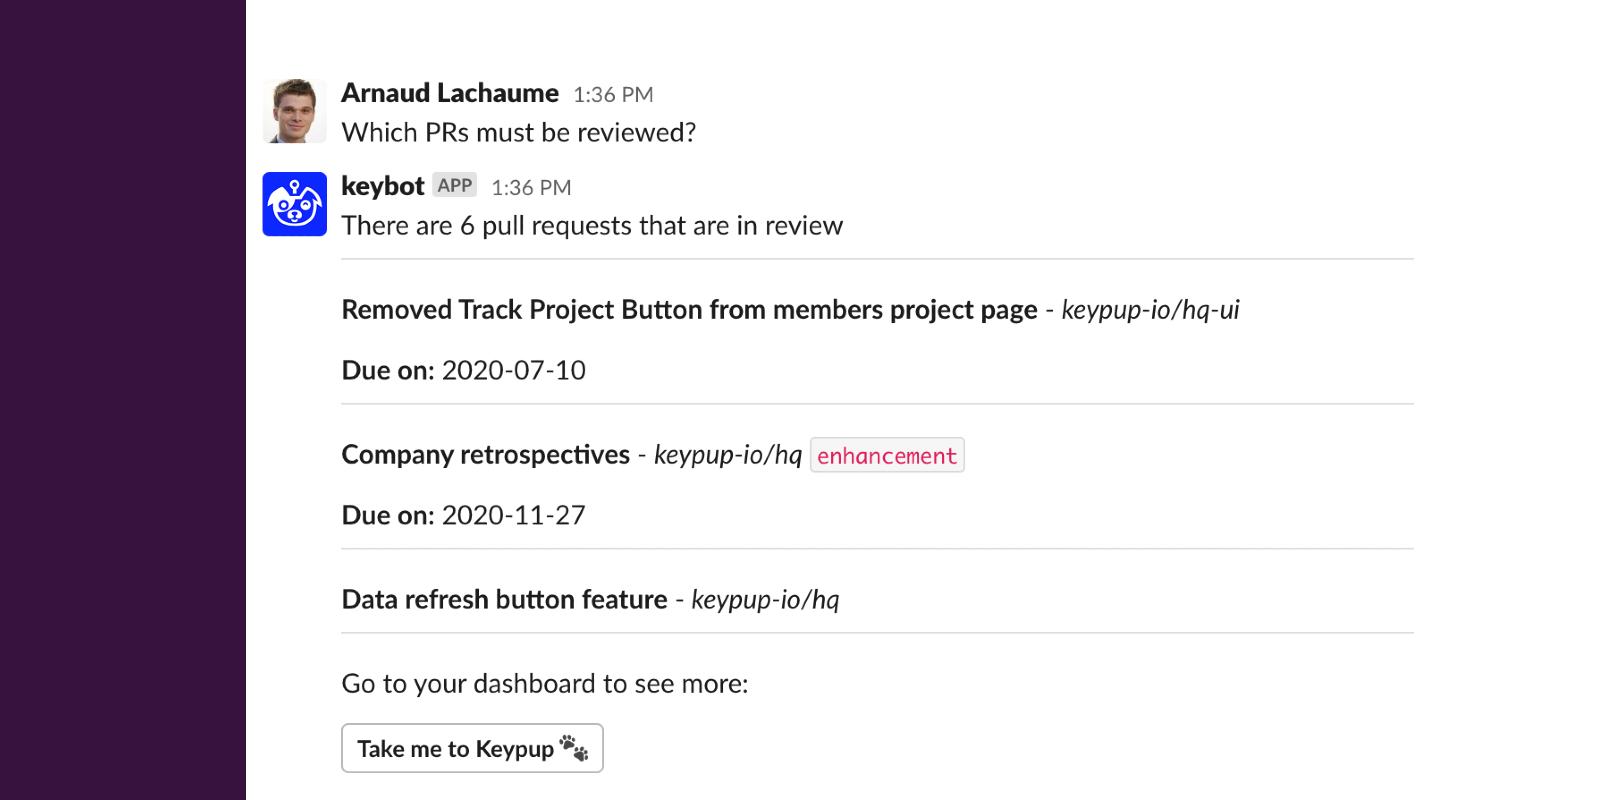 Slack - Ask Keybot